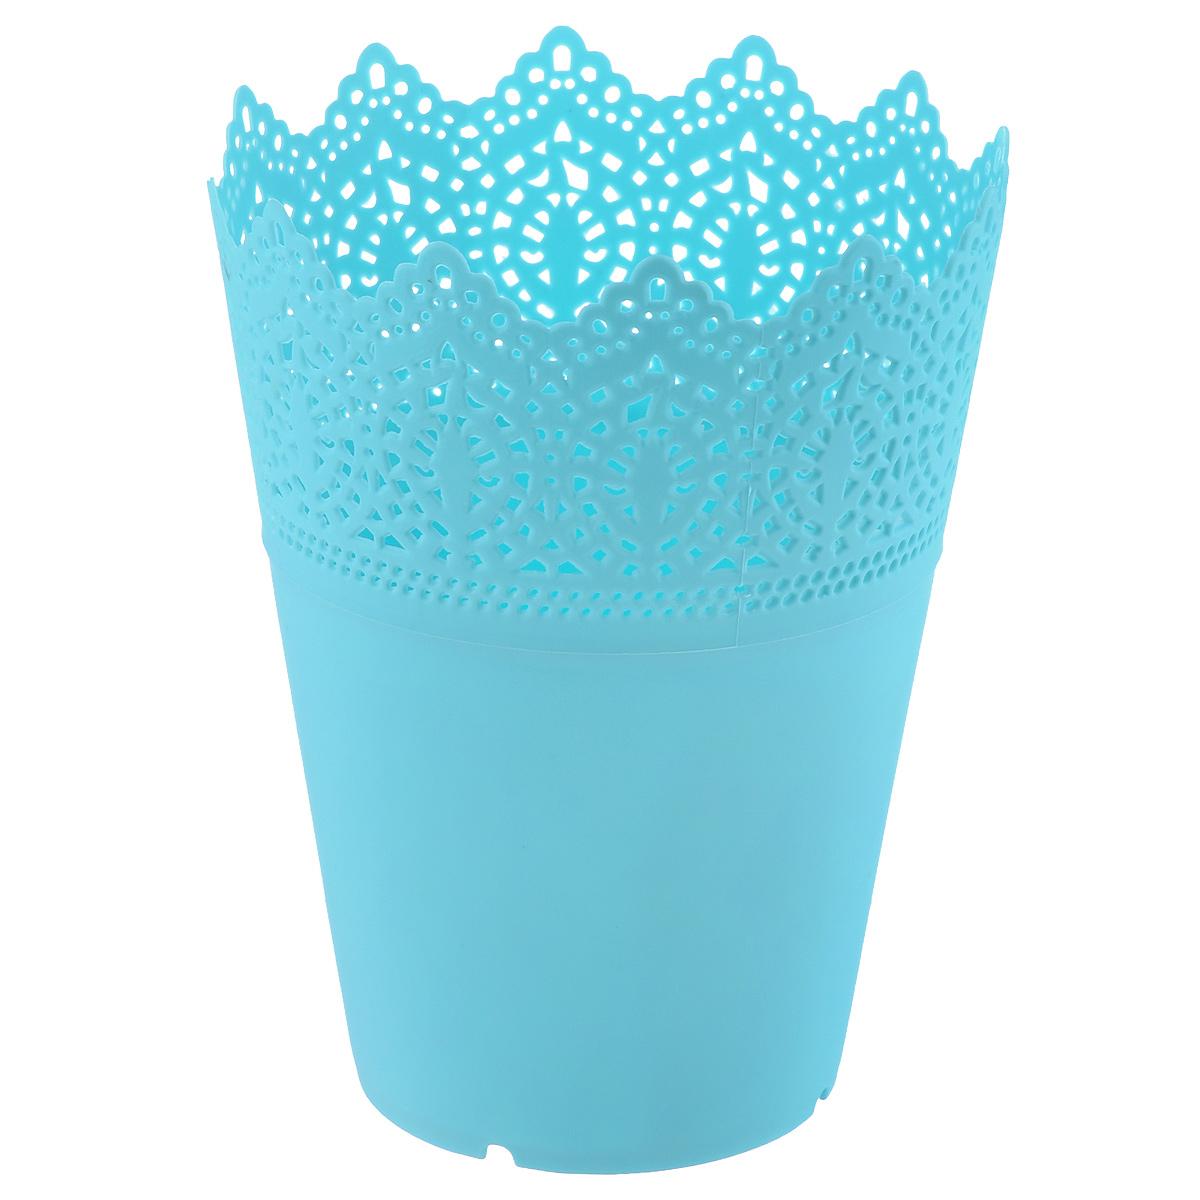 Кашпо цветочное Blossom Line, цвет: бирюзовый, 15 х 15 х 18,5 смBL0070103Декоративное кашпо Blossom Line выполнено из высококачественного пластика и оформлено рельефным краем. Однотонное кашпо предназначено для выращивания цветов, трав, растений. Кроме того, проявив немного фантазии, вы можете сами оформить кашпо разными материалами (наклейки, декоративные ленты, стикеры, бусины, бумажные цветы и другое) и сделать оригинальную композицию. Благодаря такому кашпо вы сможете украсить вашу комнату, офис, сад и другие места. Размер кашпо: 15 см х 15 см х 18,5 см.